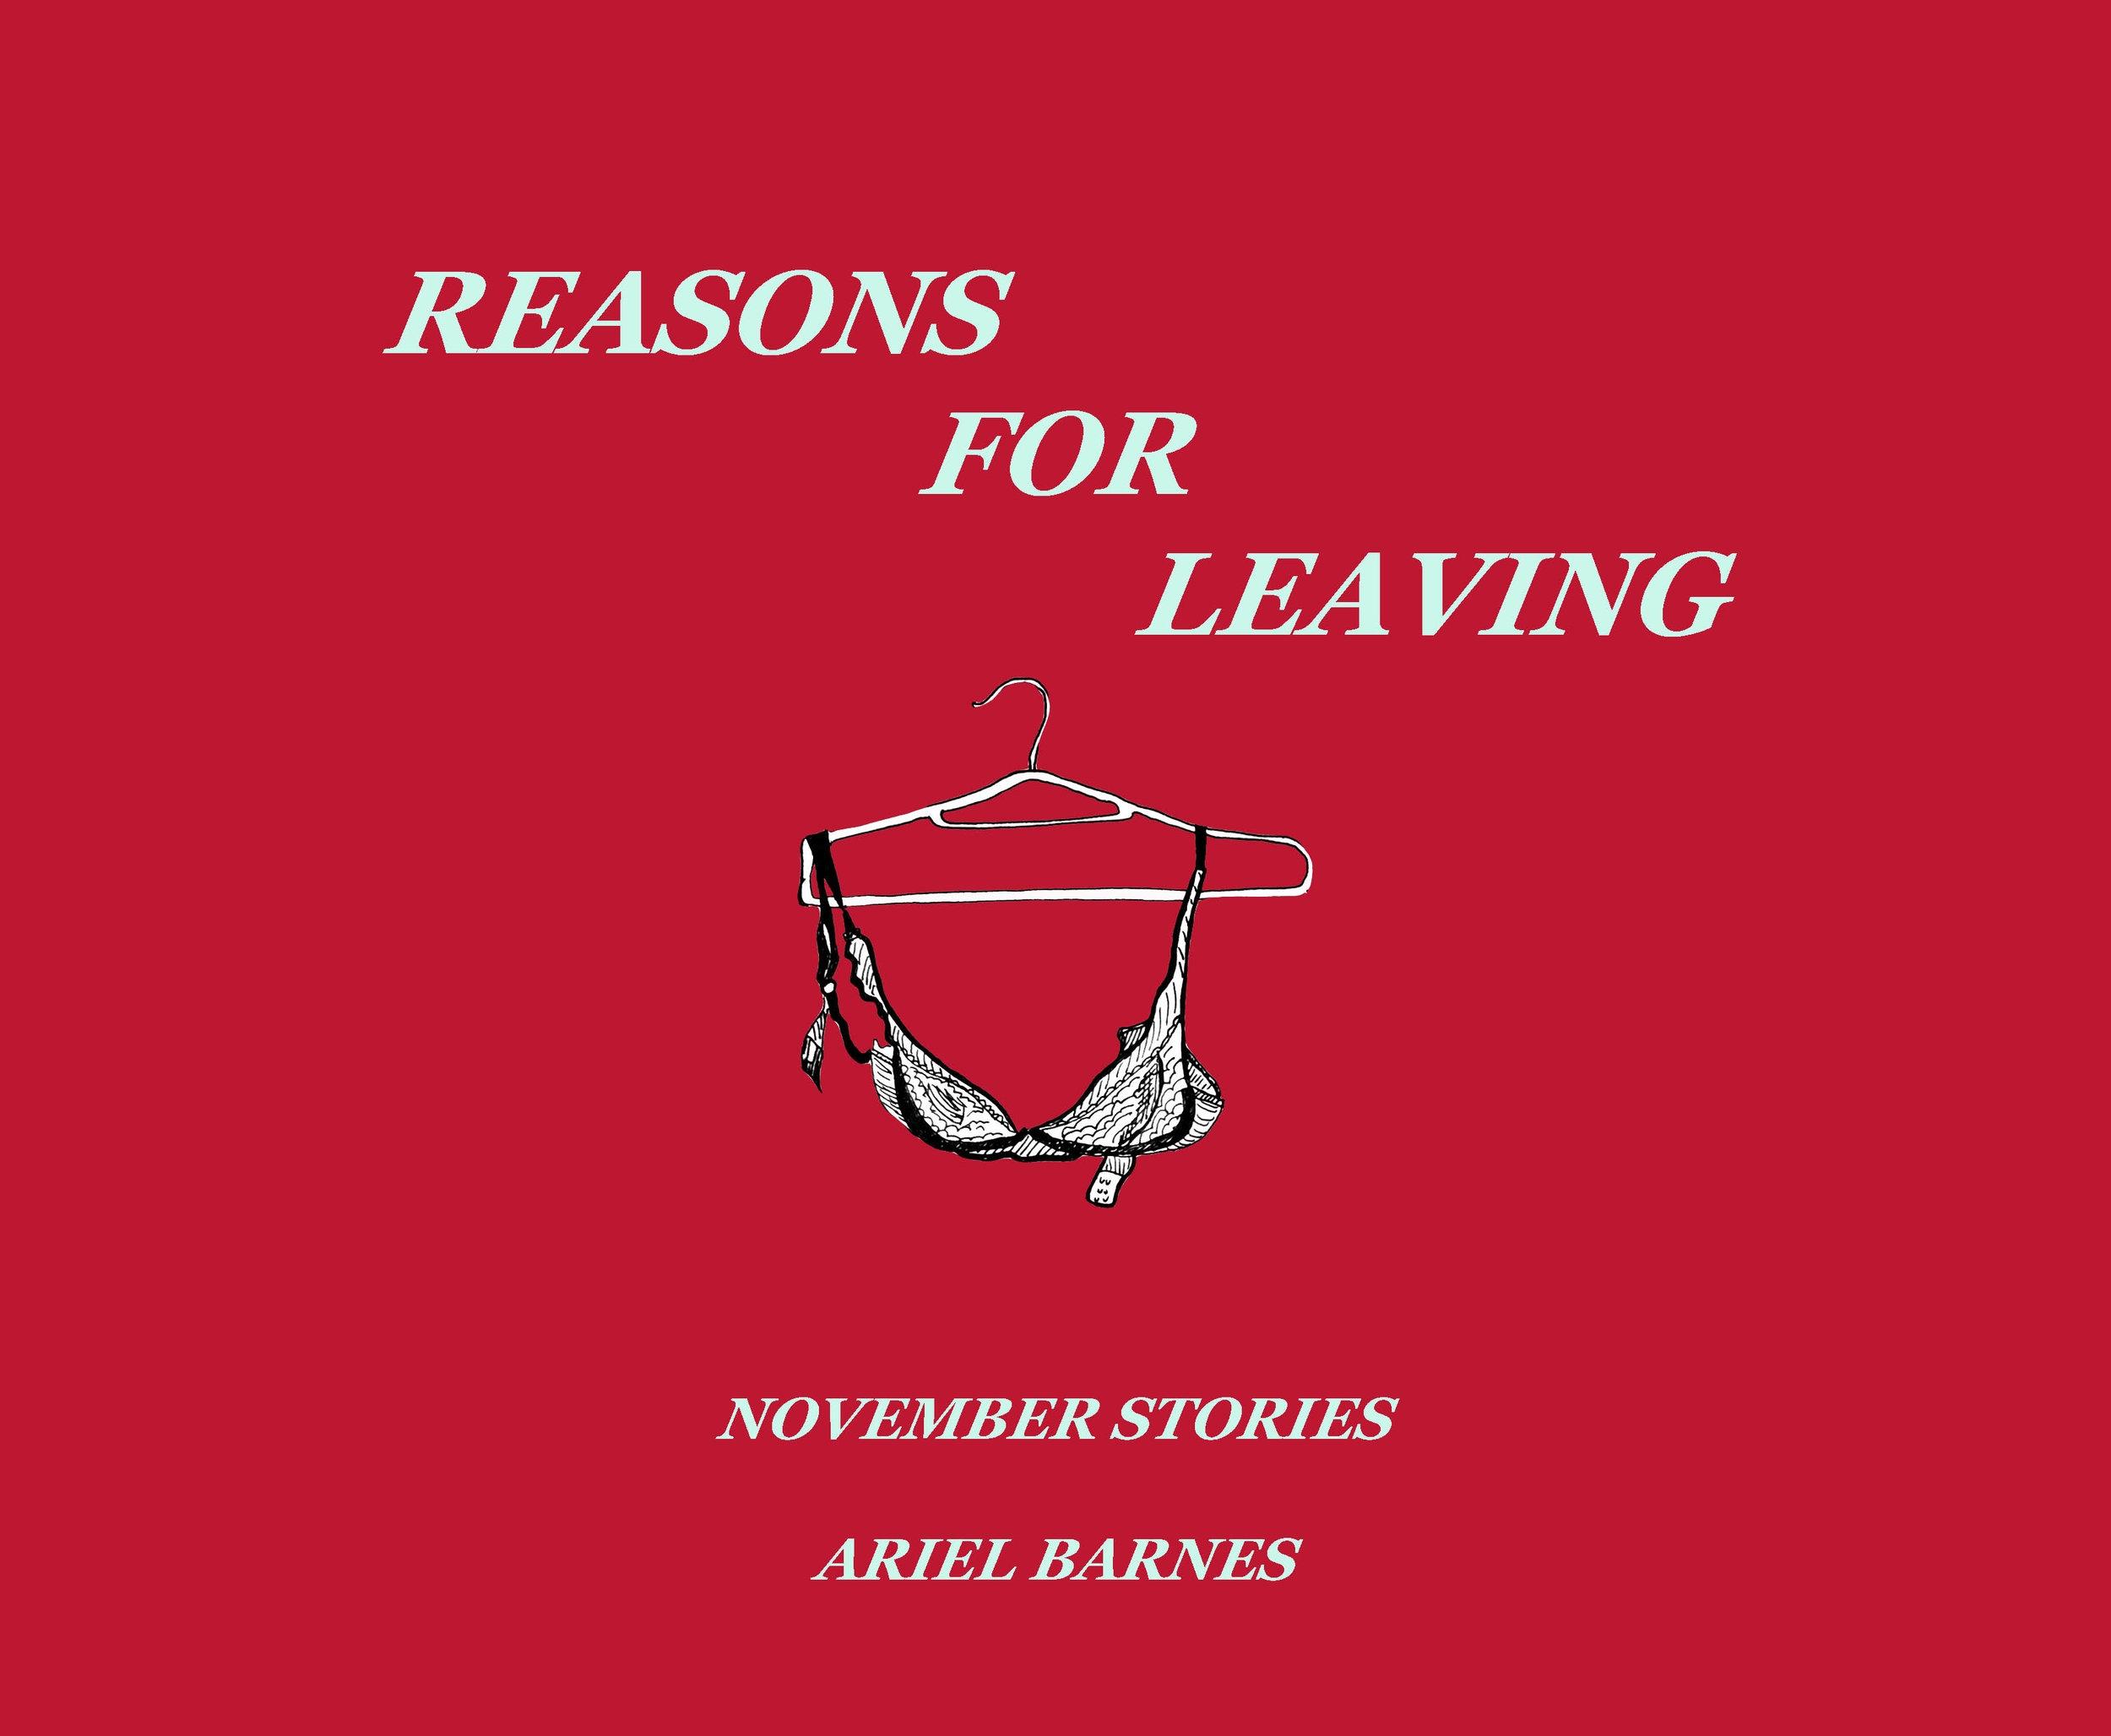 REASONS FOR LEAVING.jpg